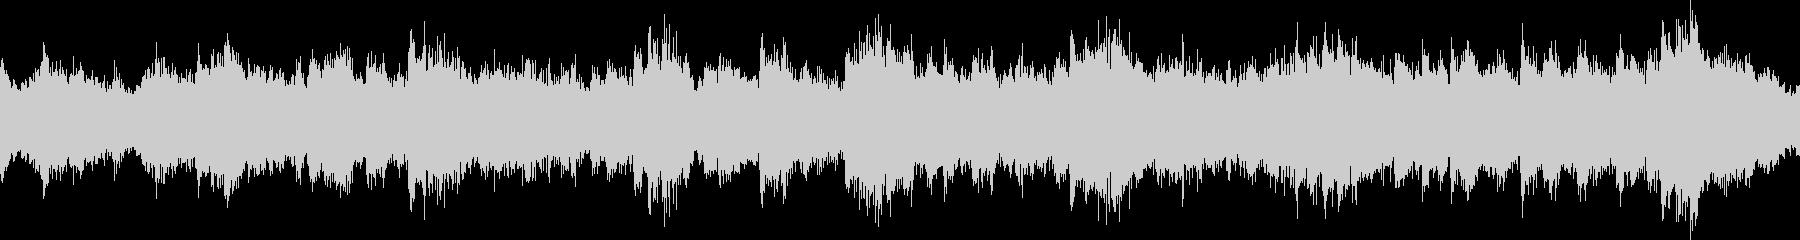 ピアノとシンセの癒し系BGM_ループの未再生の波形